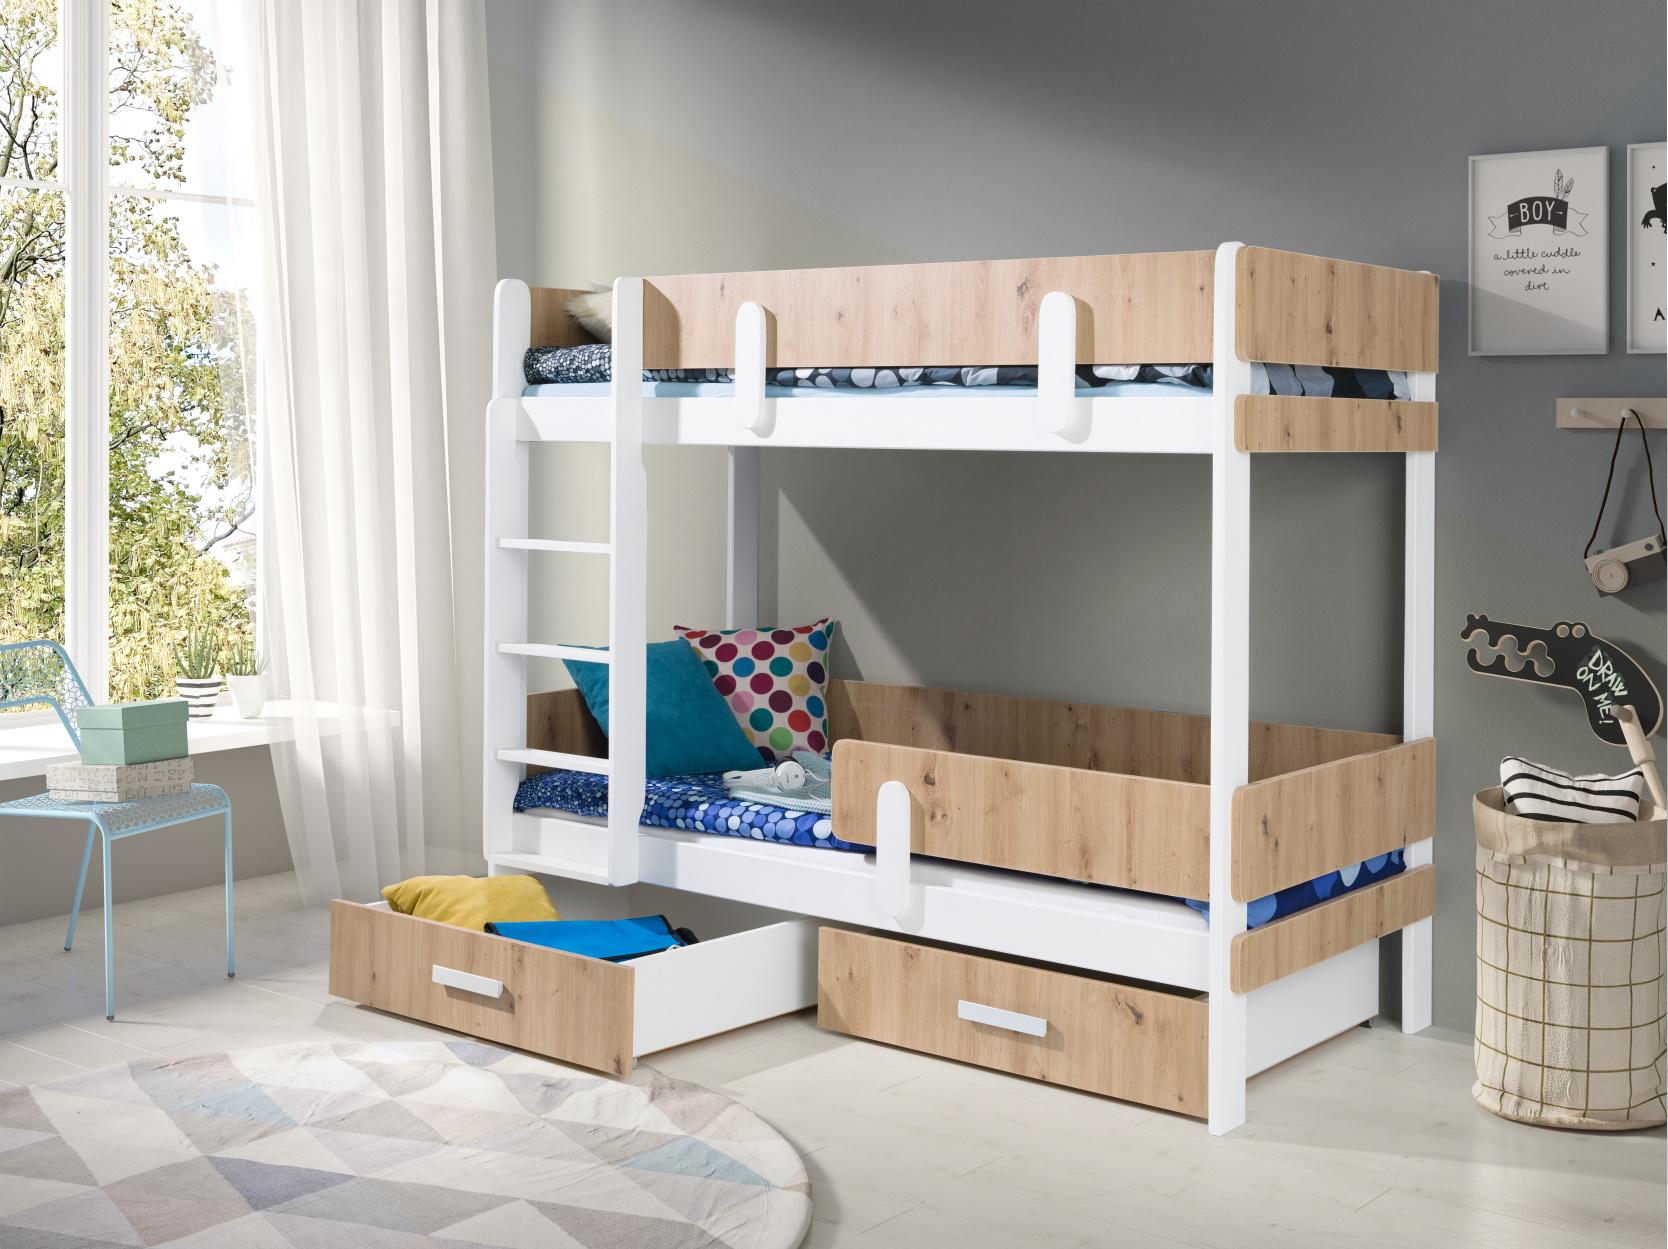 MebloBed Patrová postel Ettore s úložným prostorem